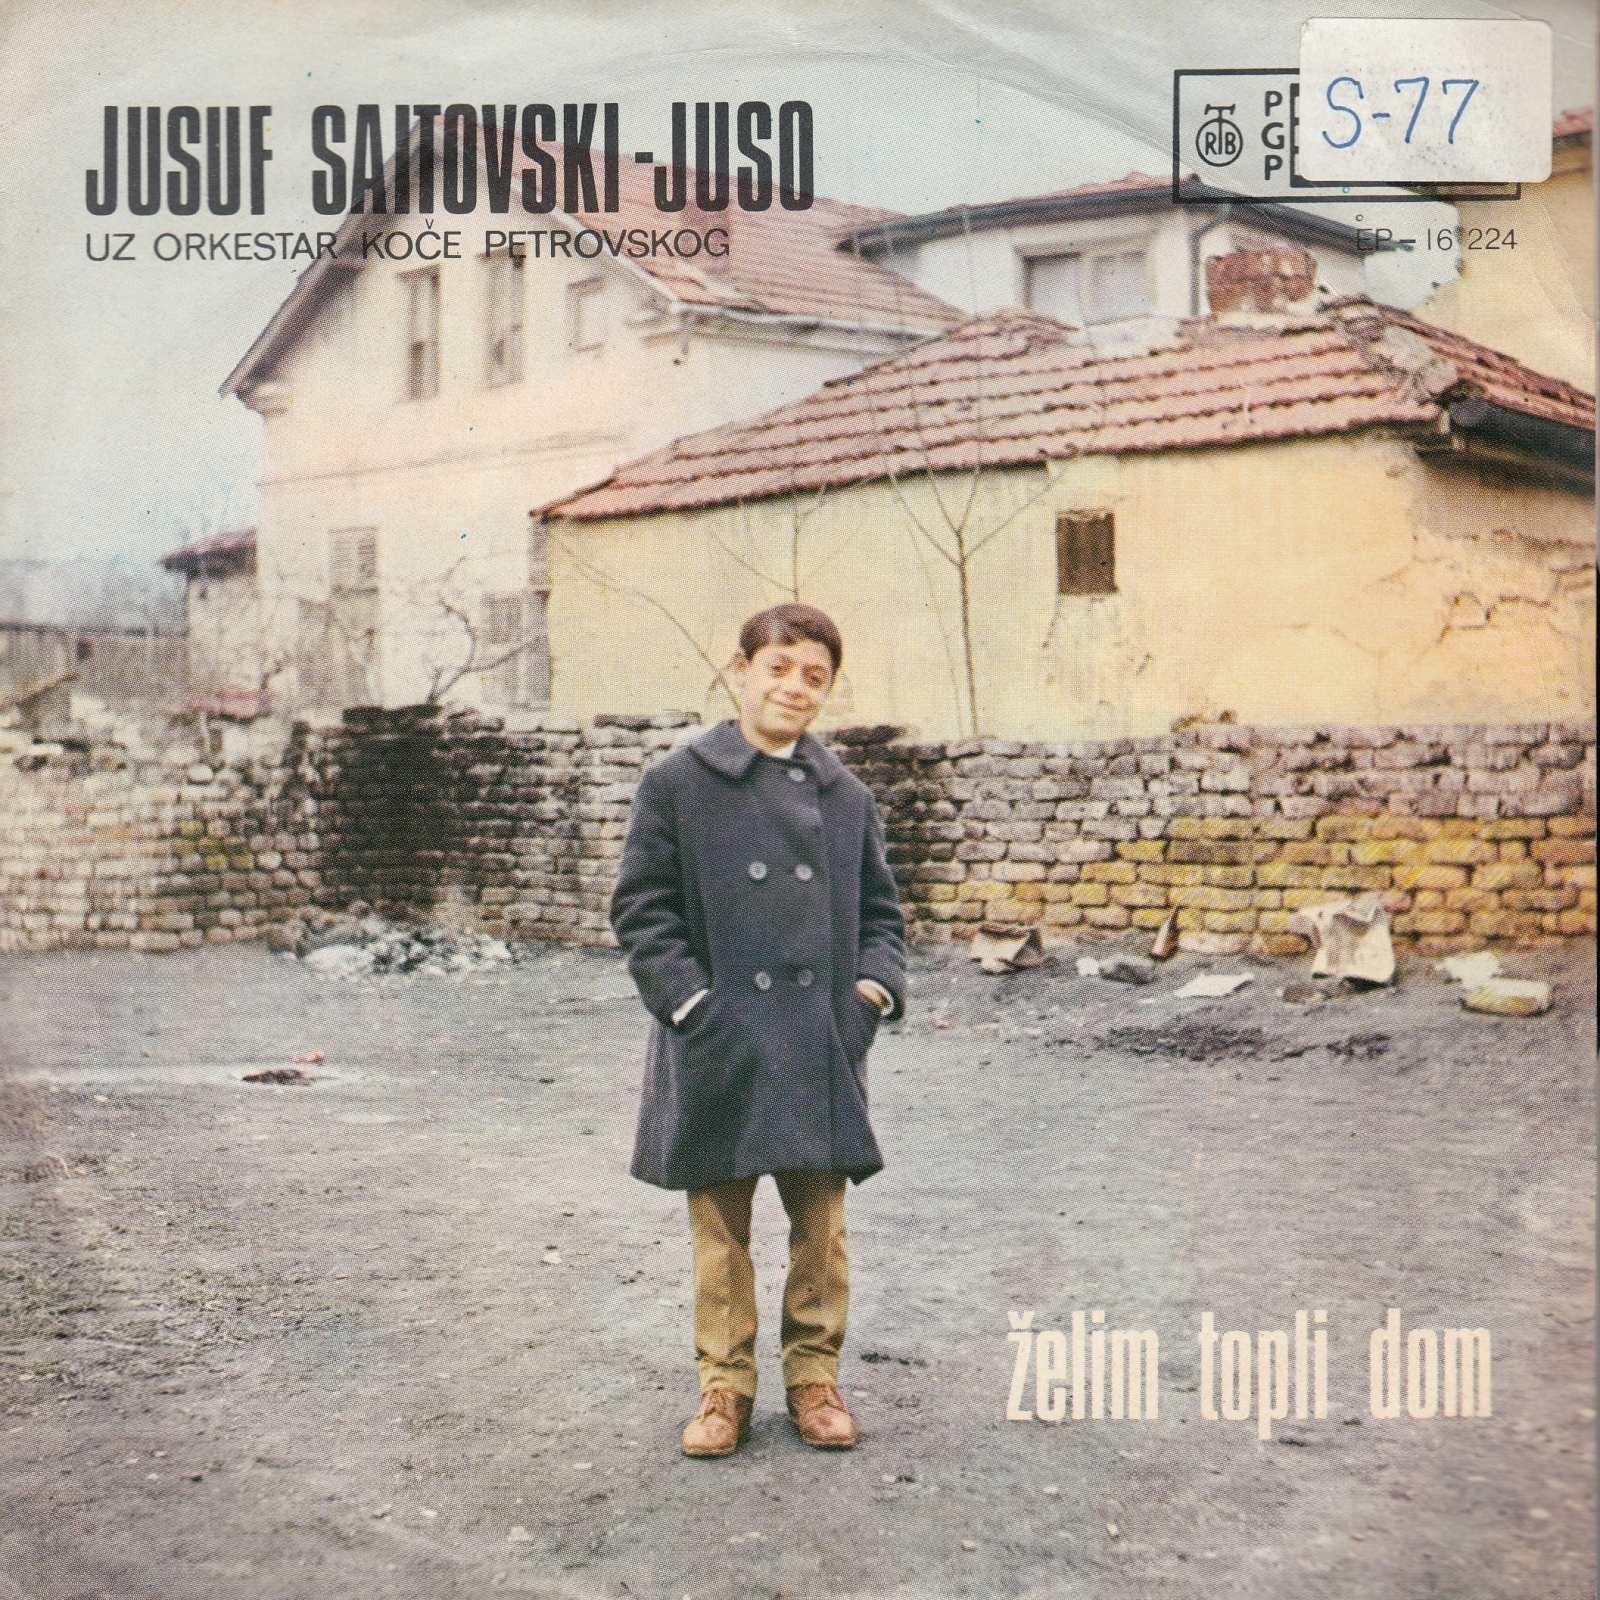 Saitovski-Juso Jusuf Orkestar Koce Petrovskog - Zelim Topli Dom/krusevsko Oro/vragolan/pevaj Cigance